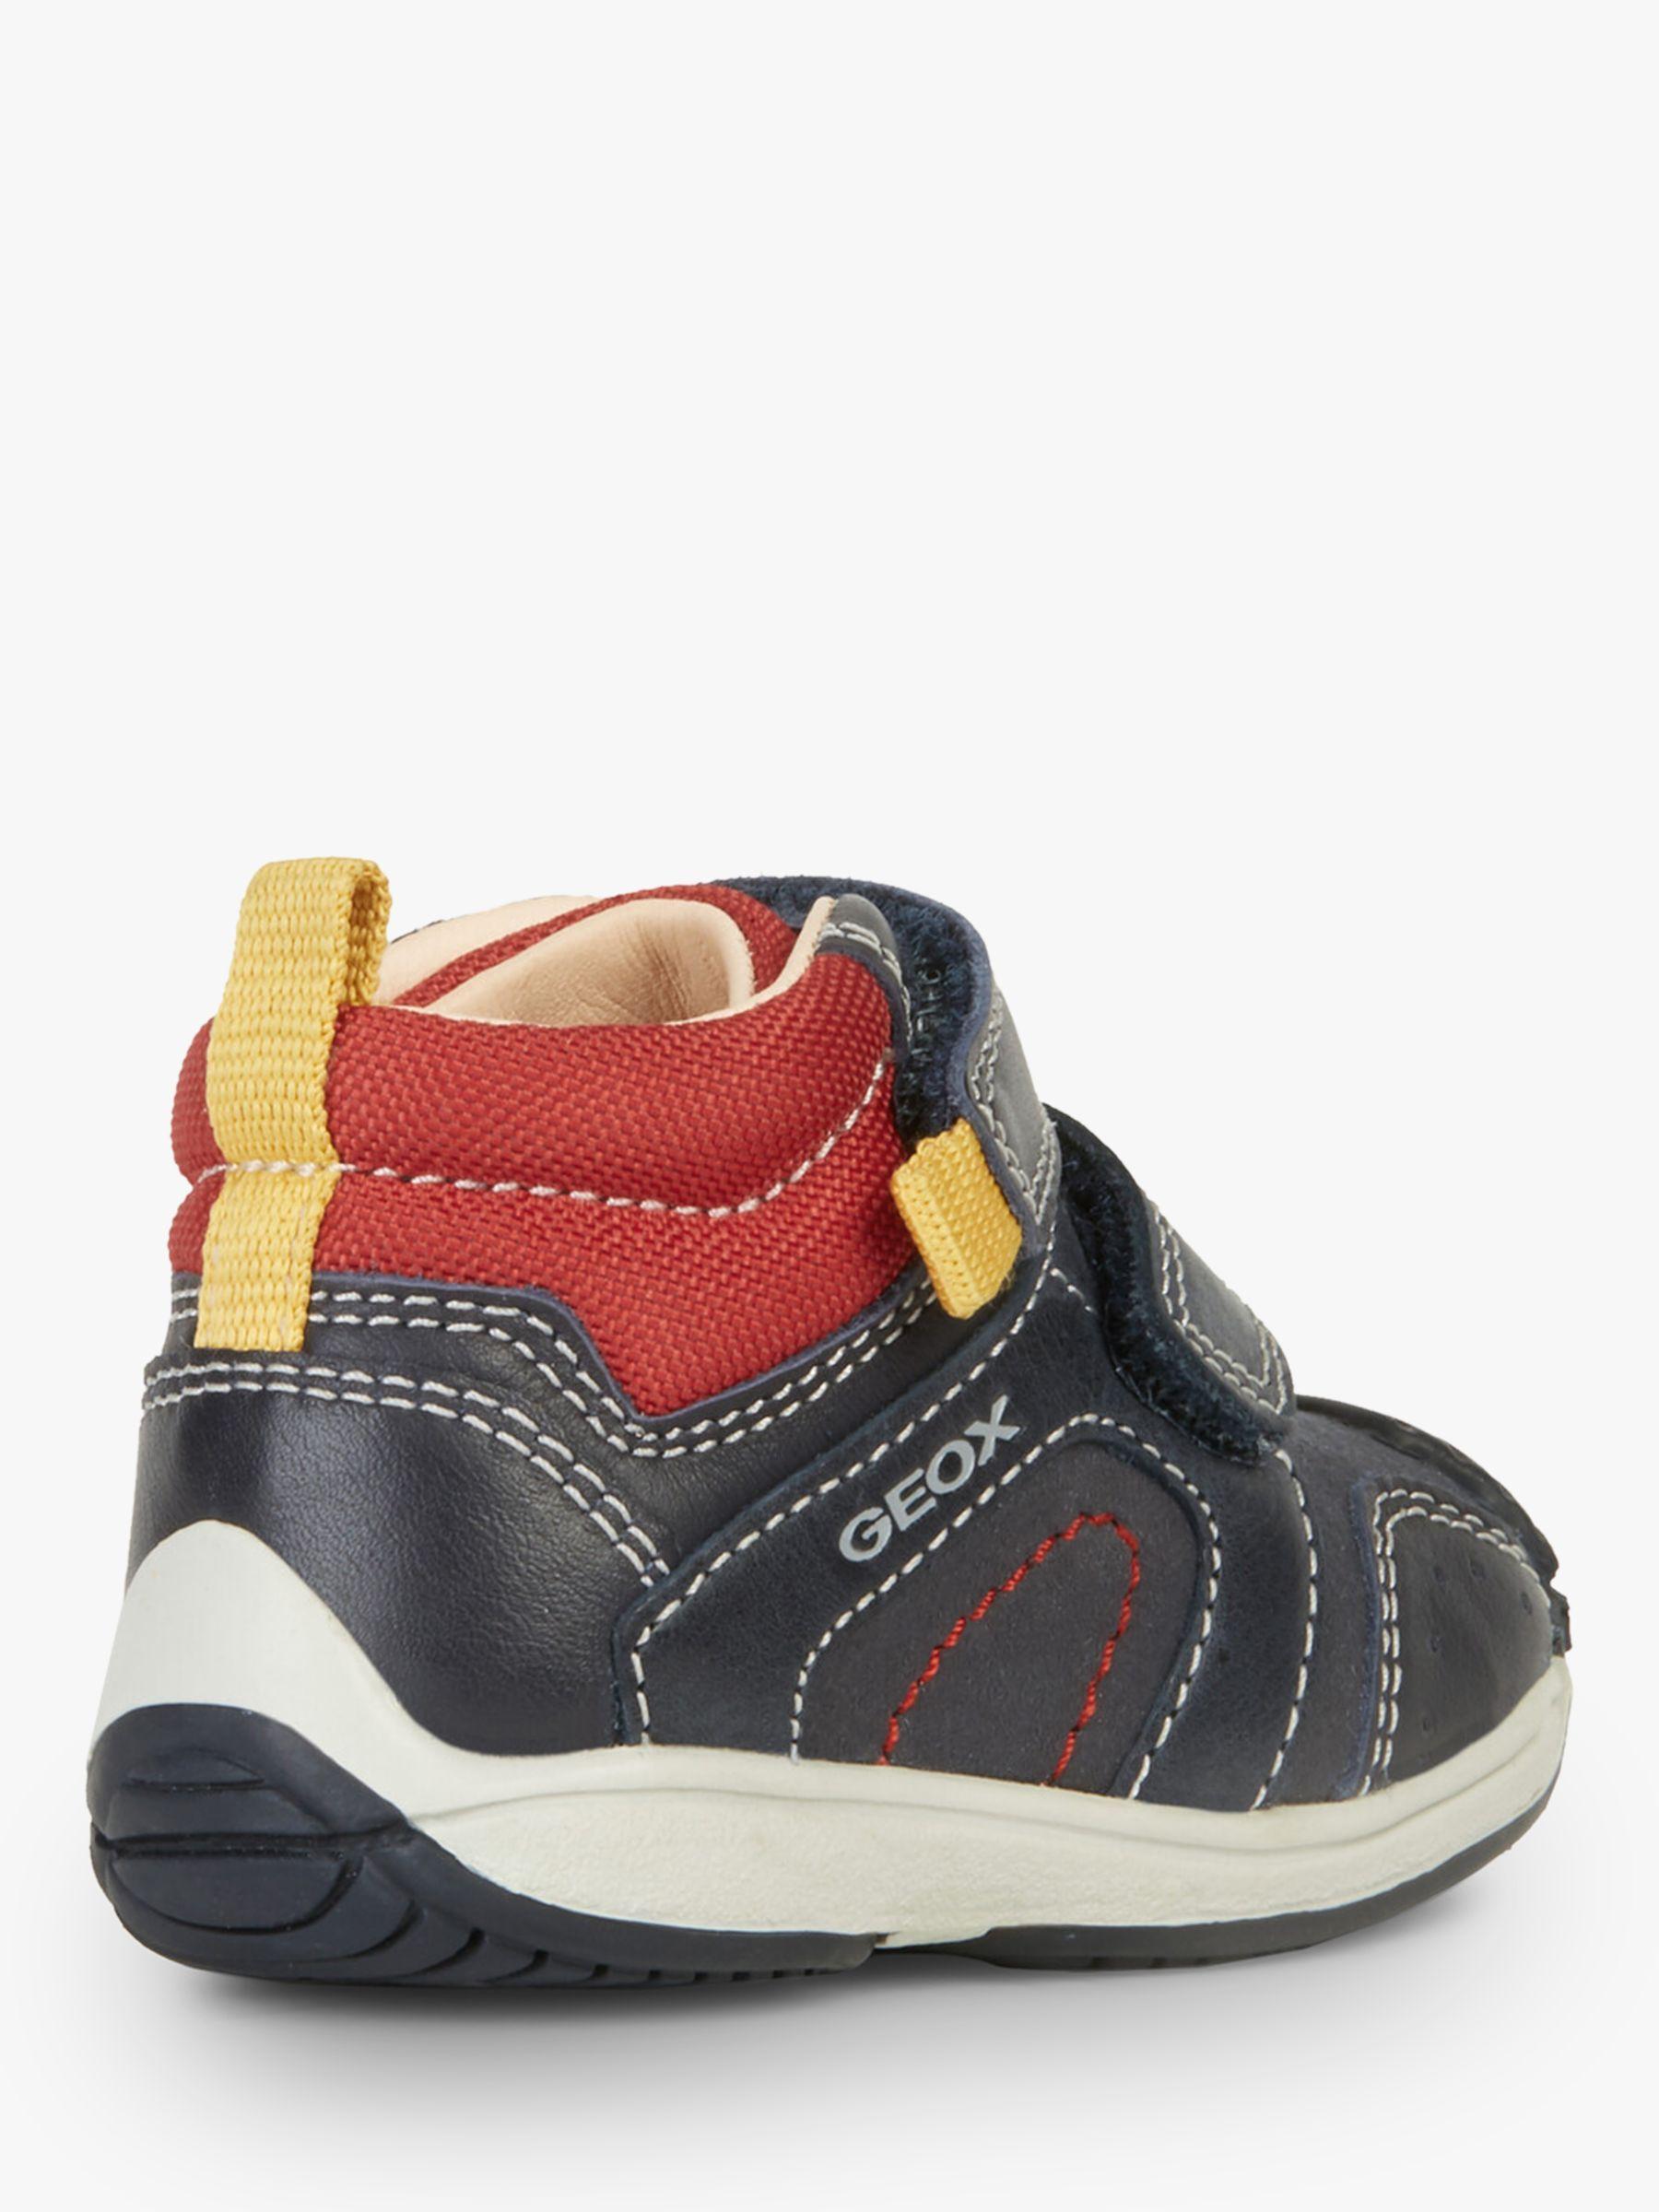 marktfähig weltweit verkauft bester Preis Geox Children's Toledo Shoes, Dark Navy/Red | Childrens shoes ...